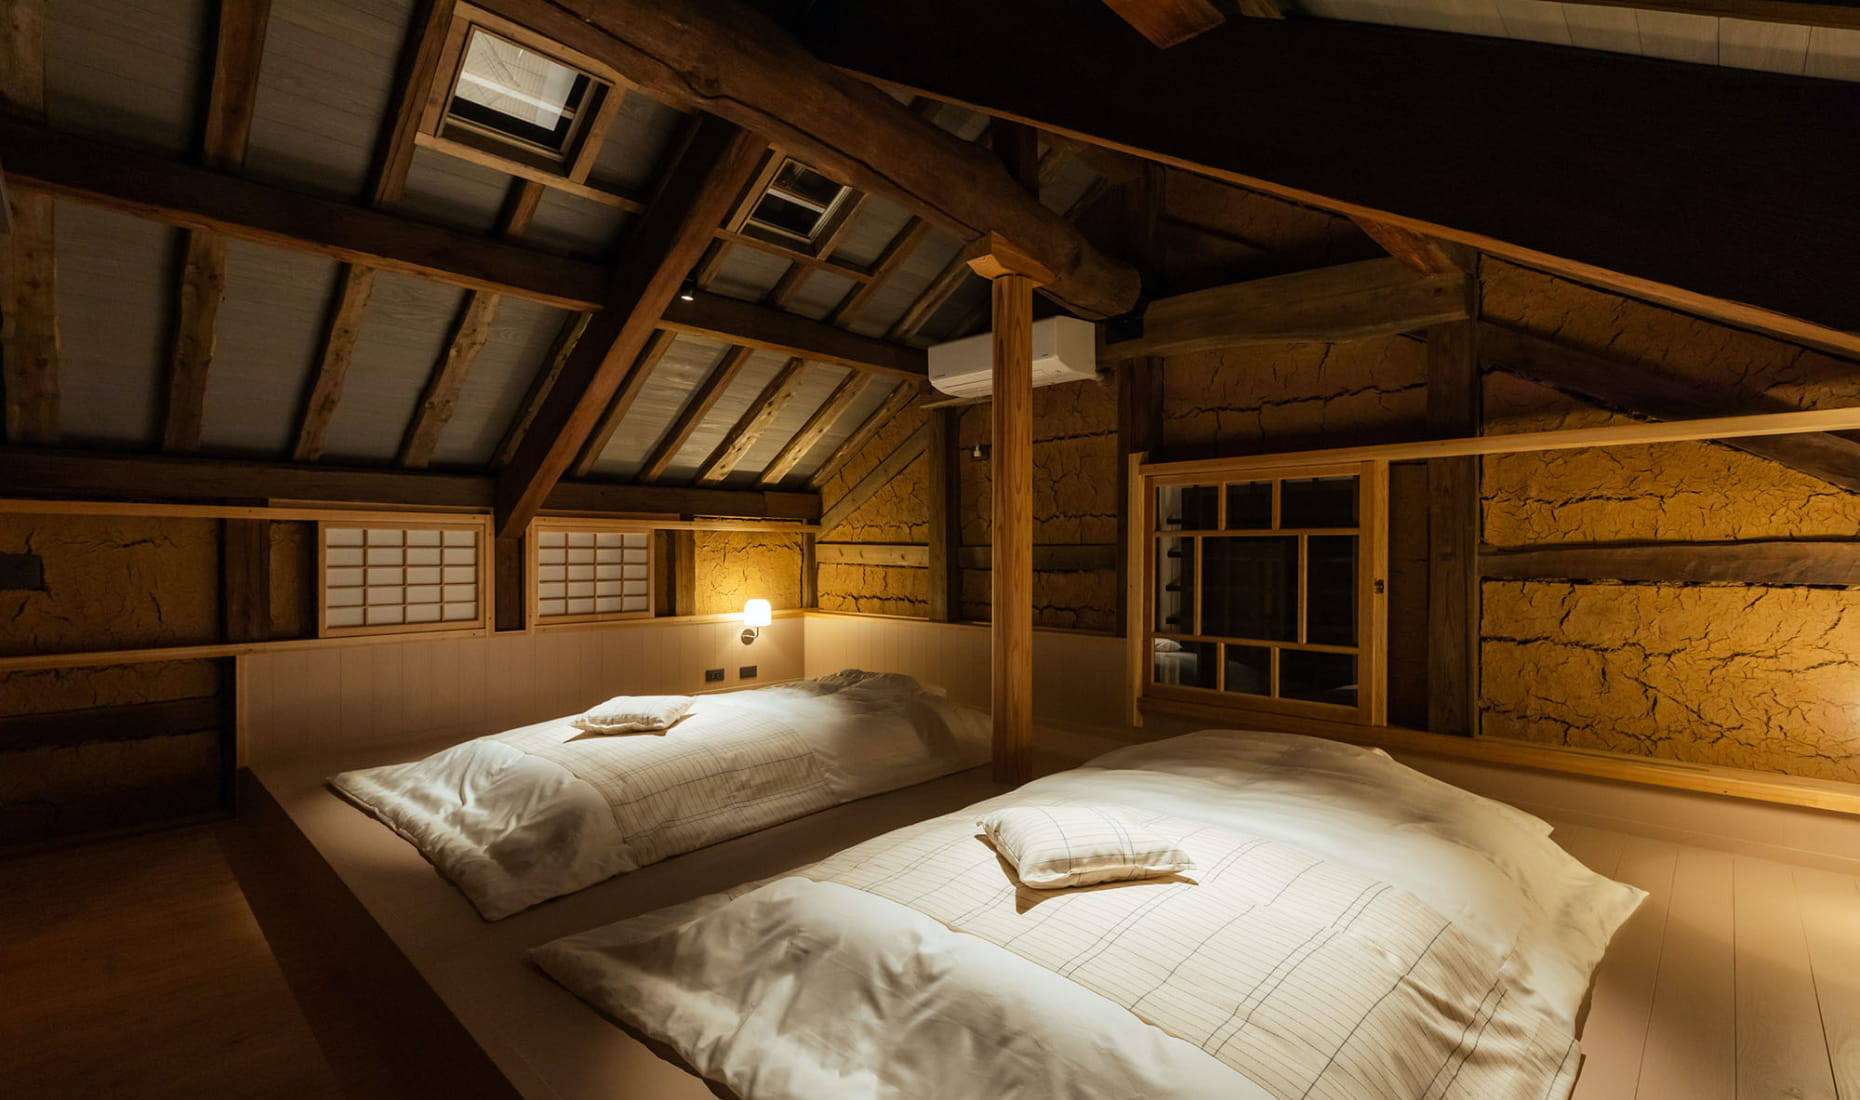 和紙の部屋のイメージ写真